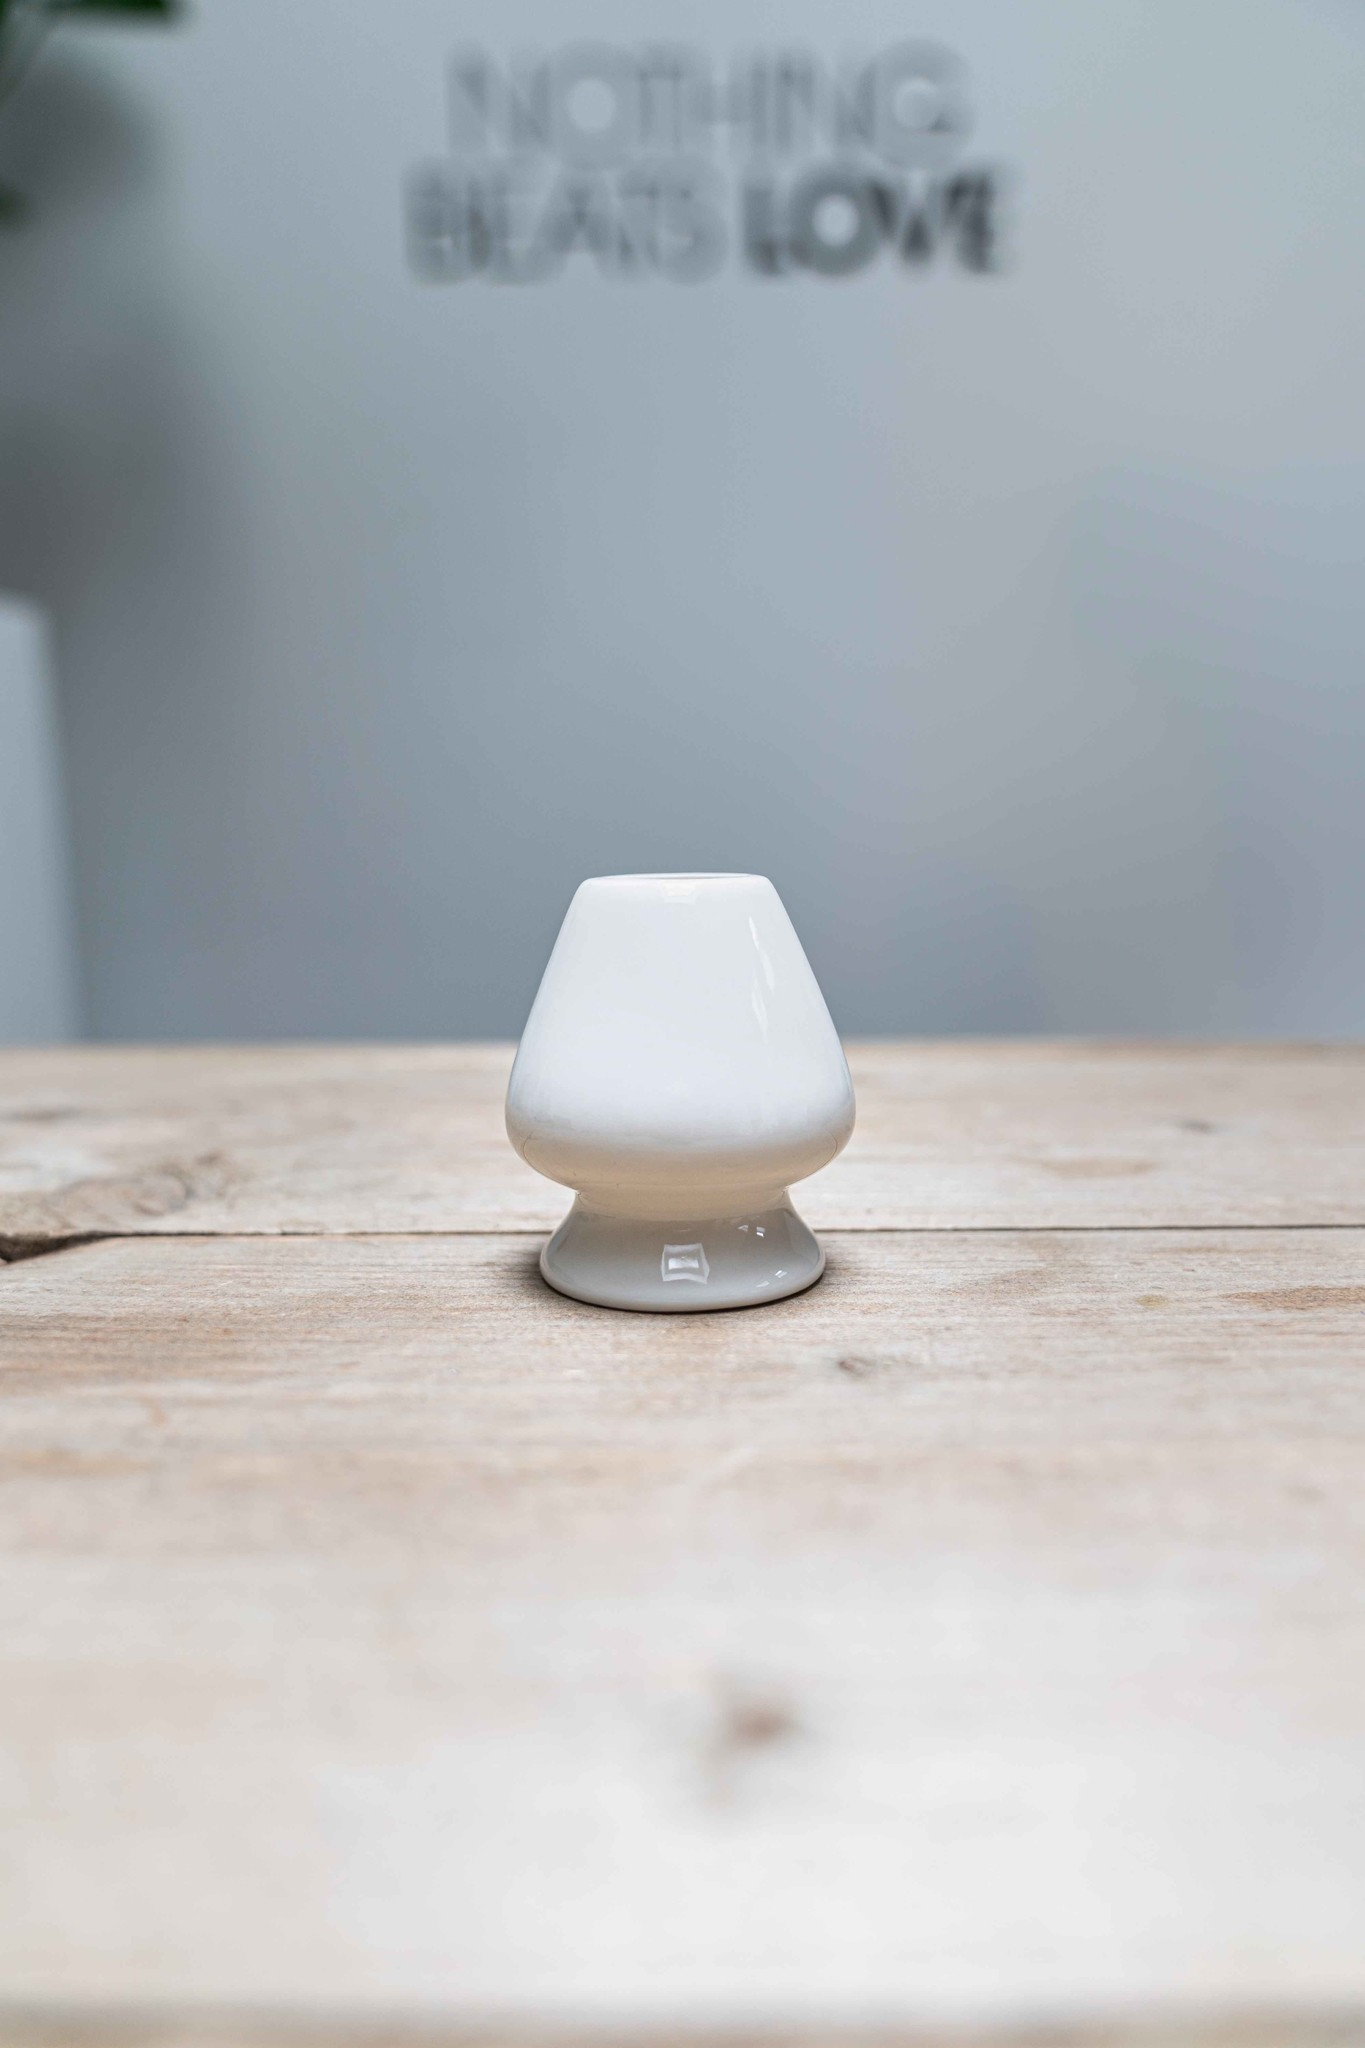 Matcha whisk holder - white